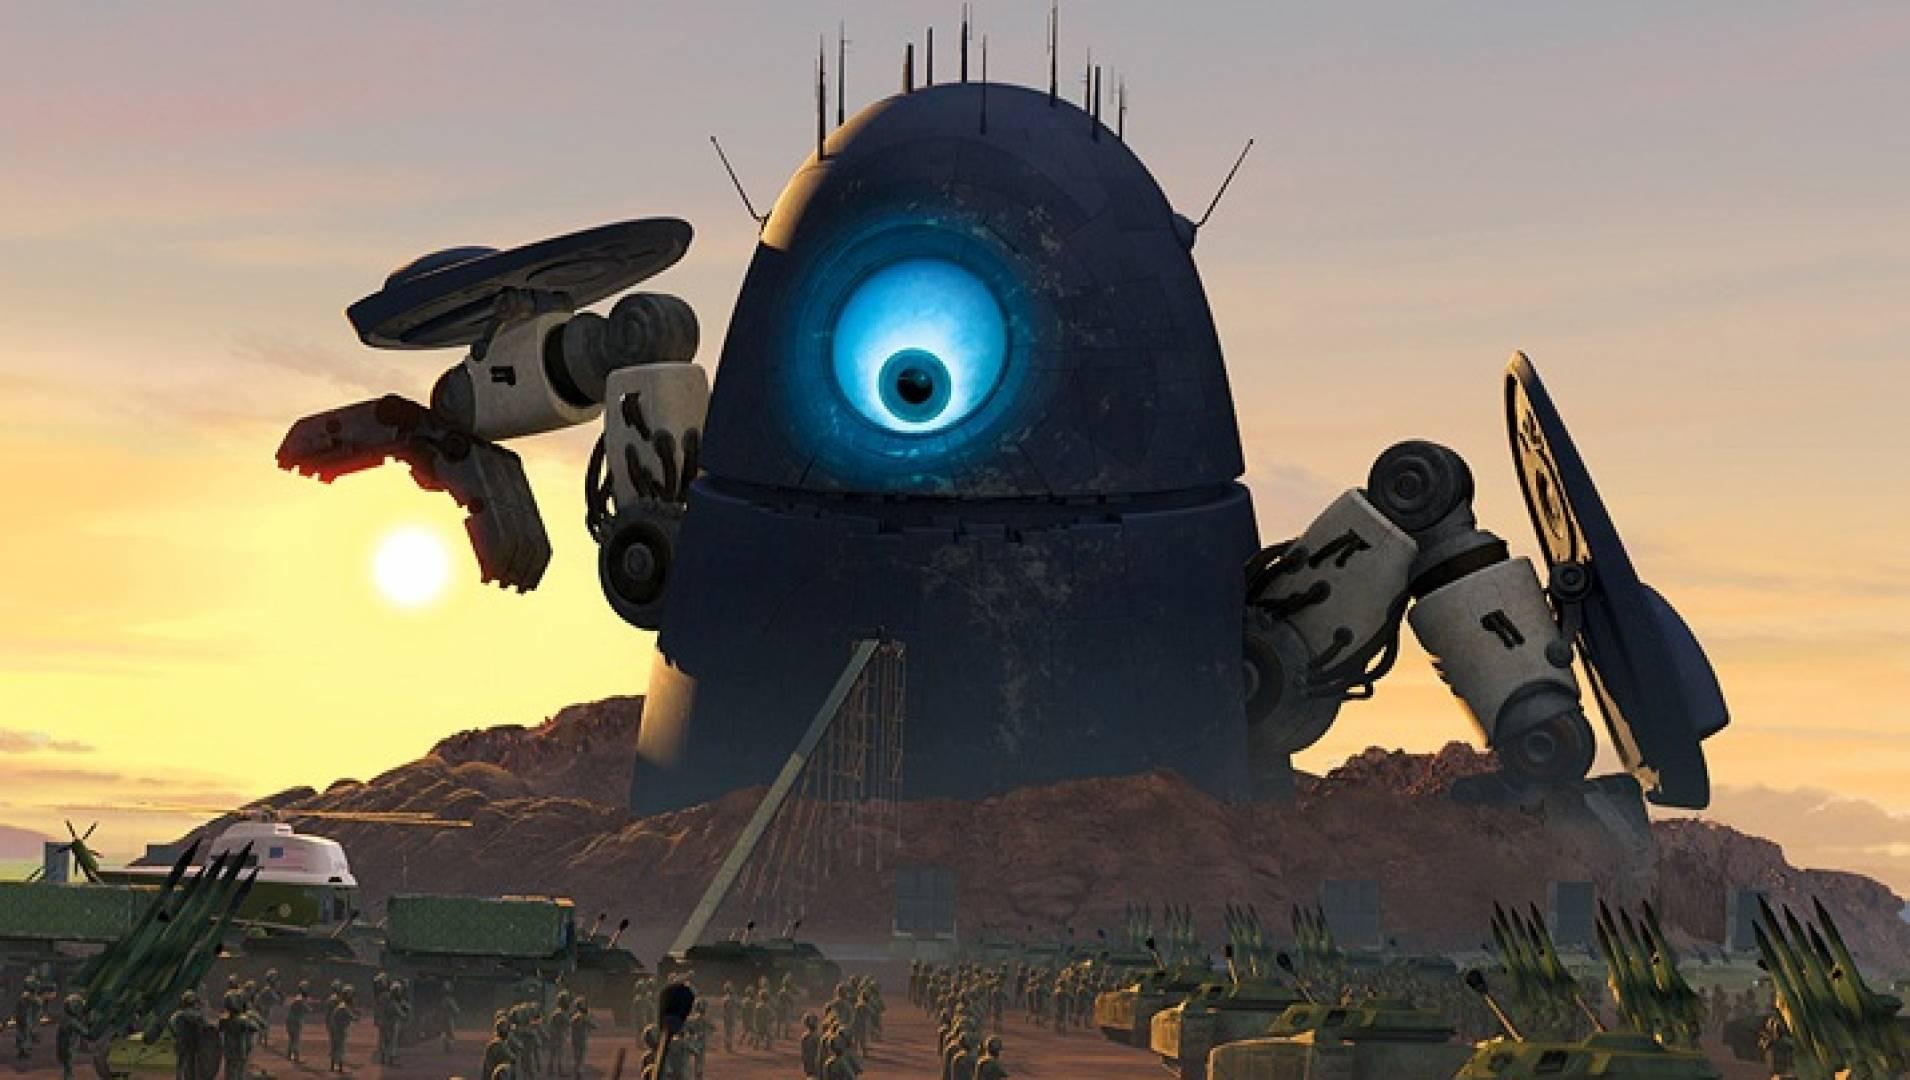 Монстры против пришельцев - Анимационный фильм